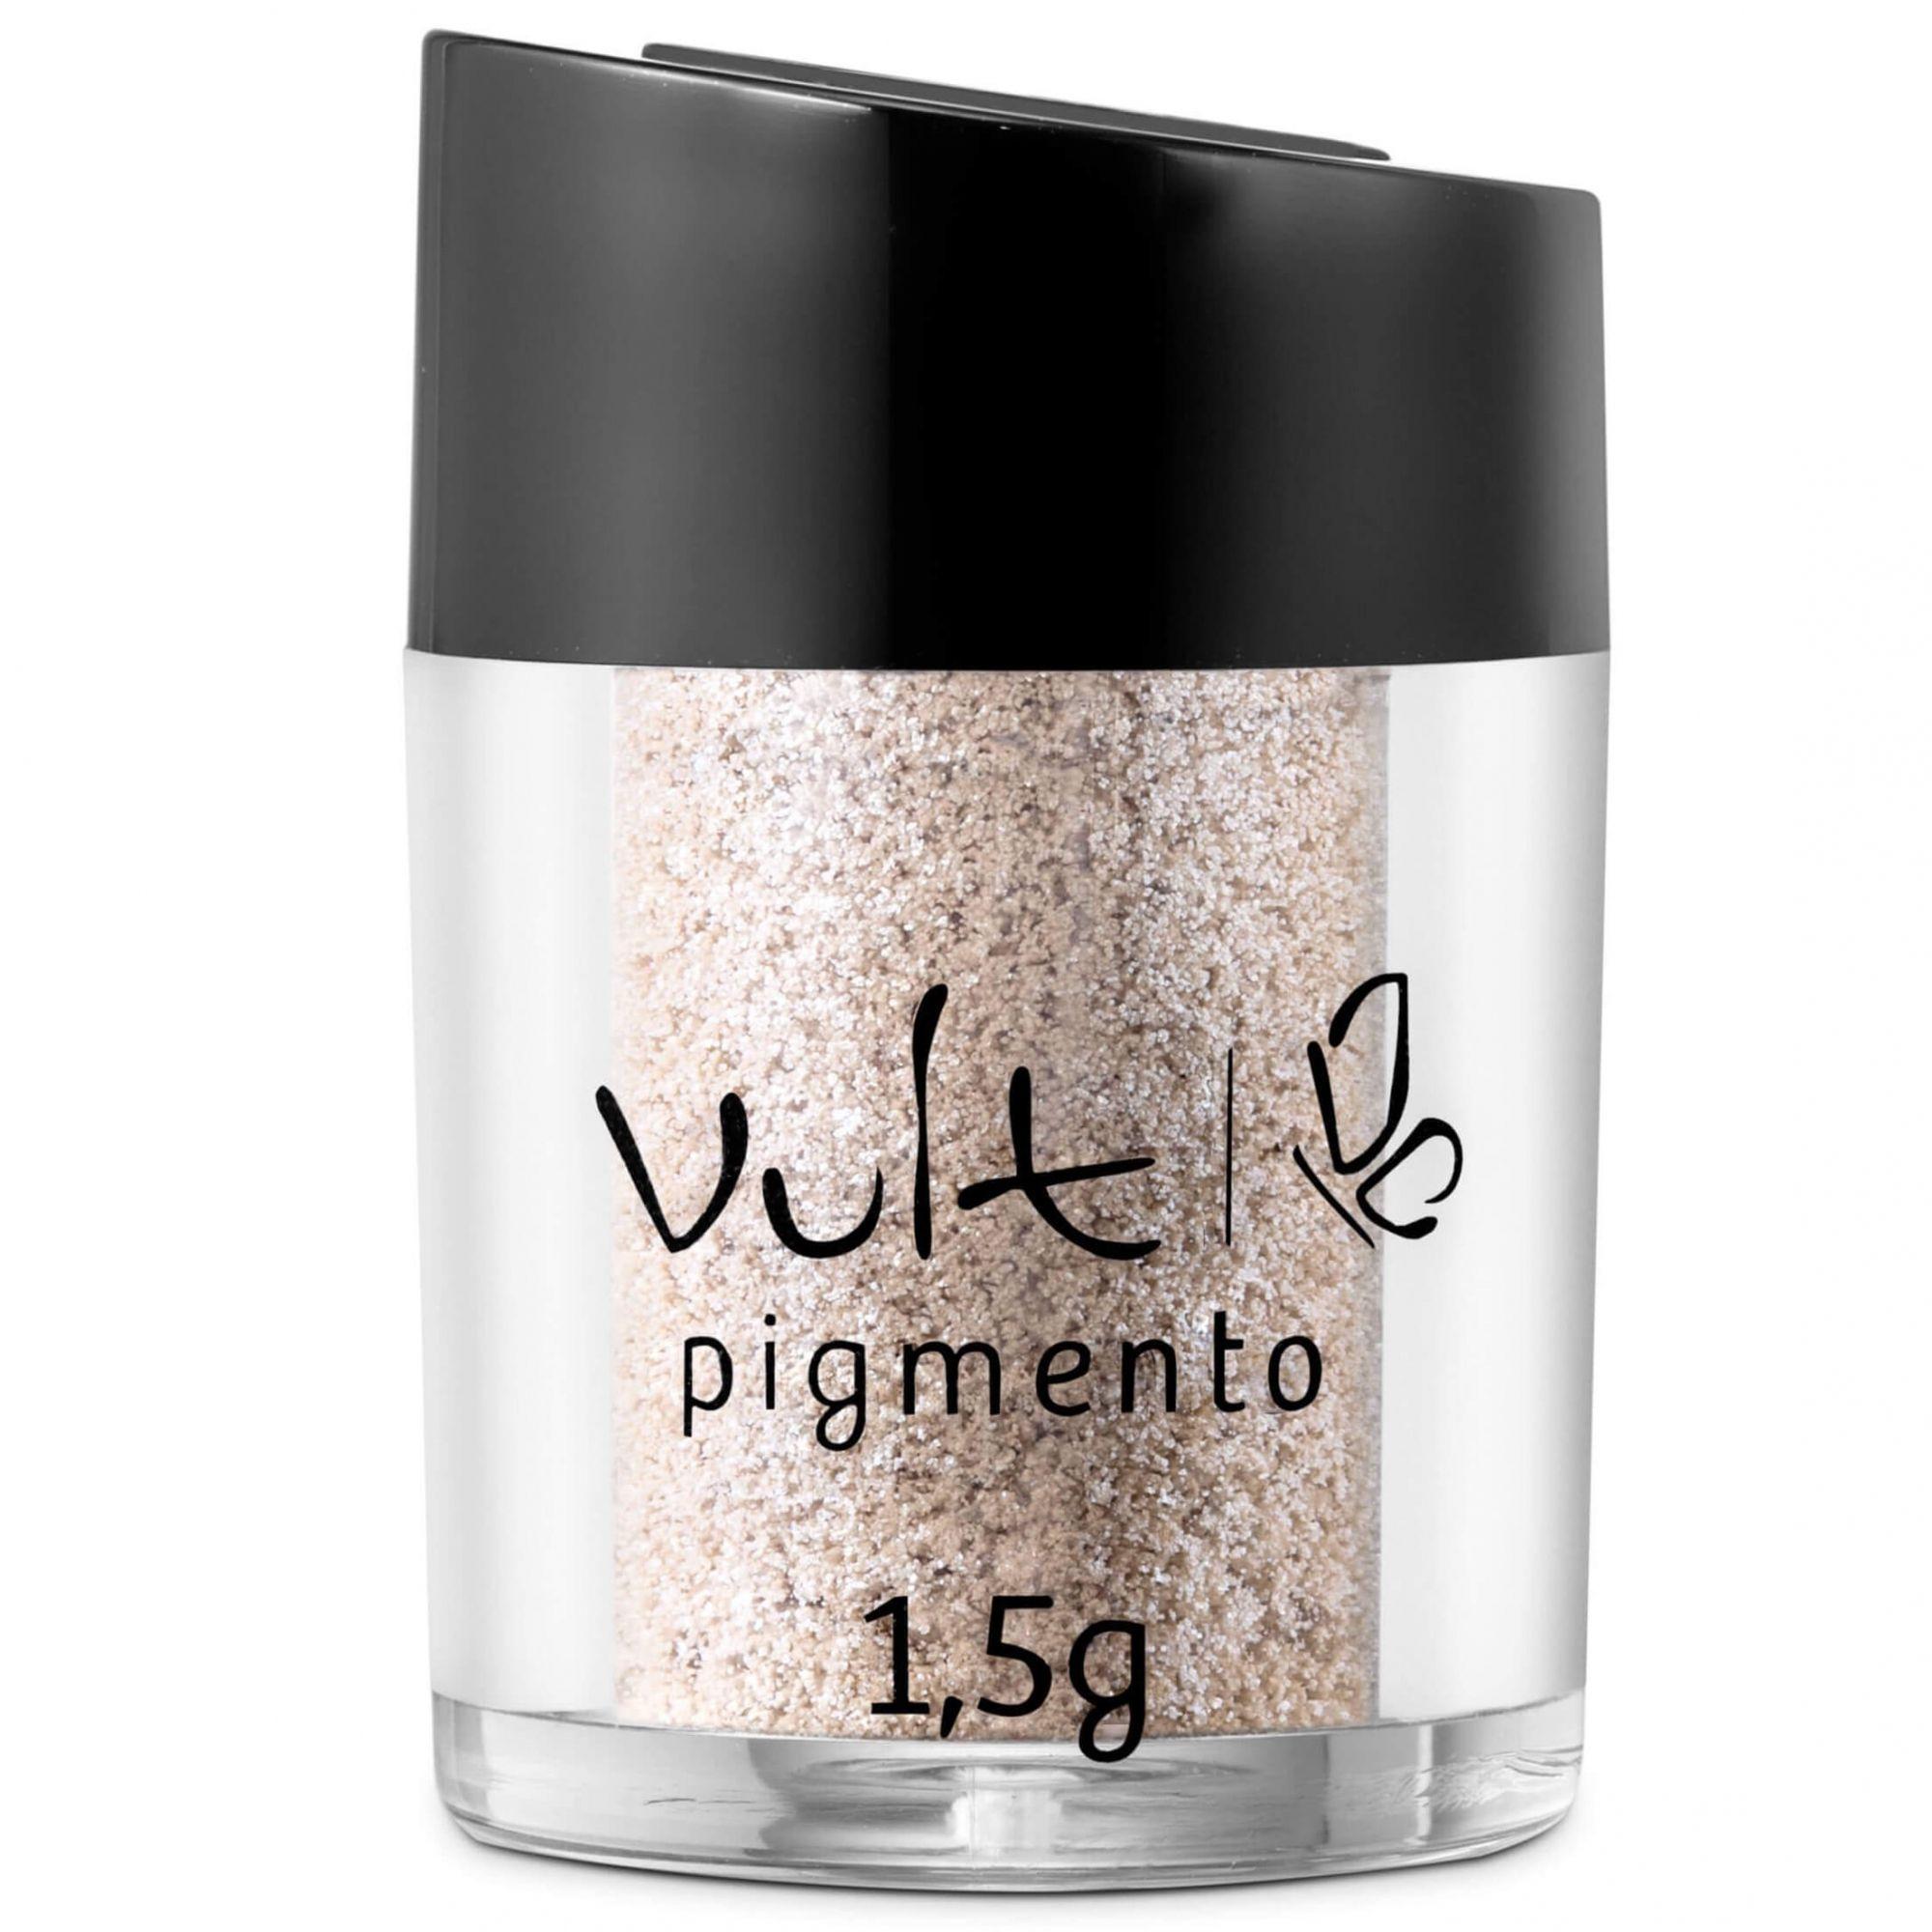 Pigmento Vult 01 - Pigmento Cintilante 1,5g